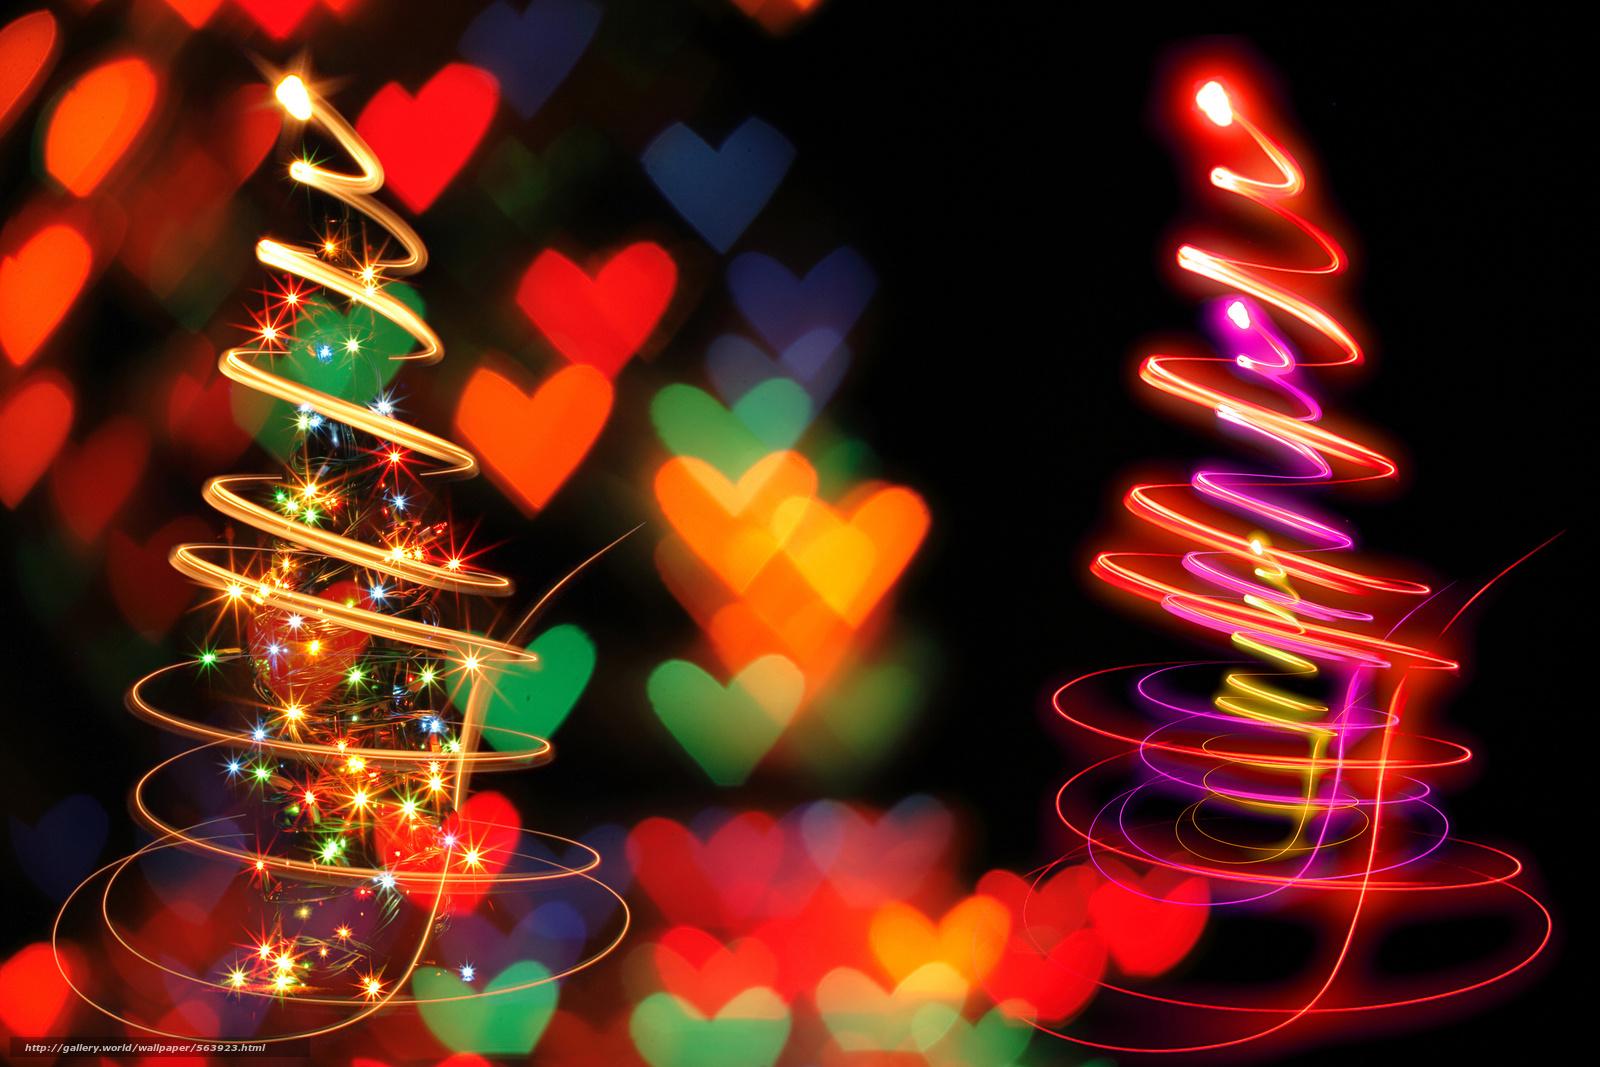 мерцающие и мигающие новогодние картинки на телефон красивая мишура серпантин